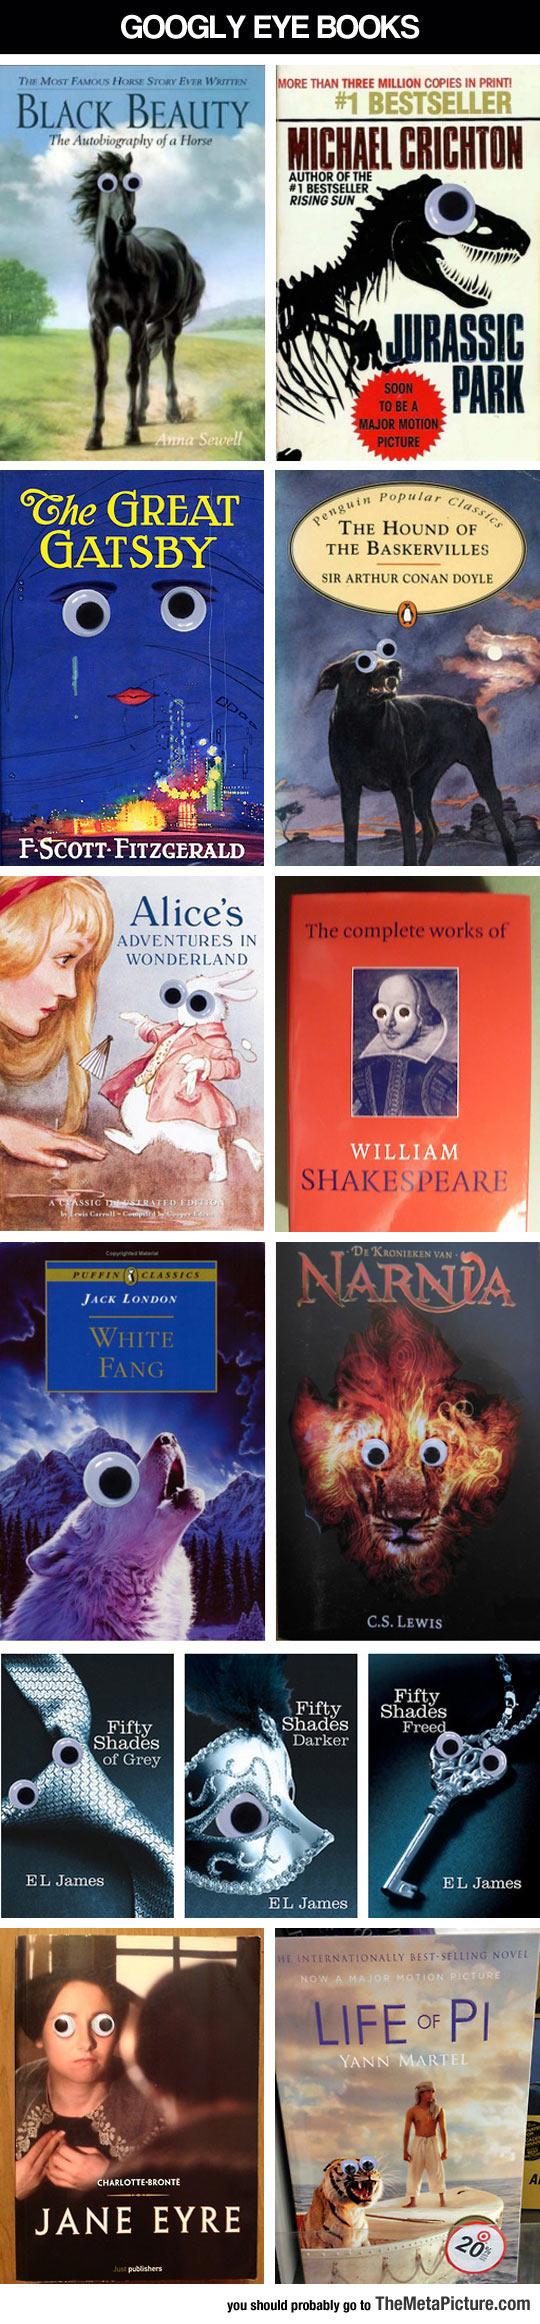 cool-Google-eye-books-Jurassic-Park